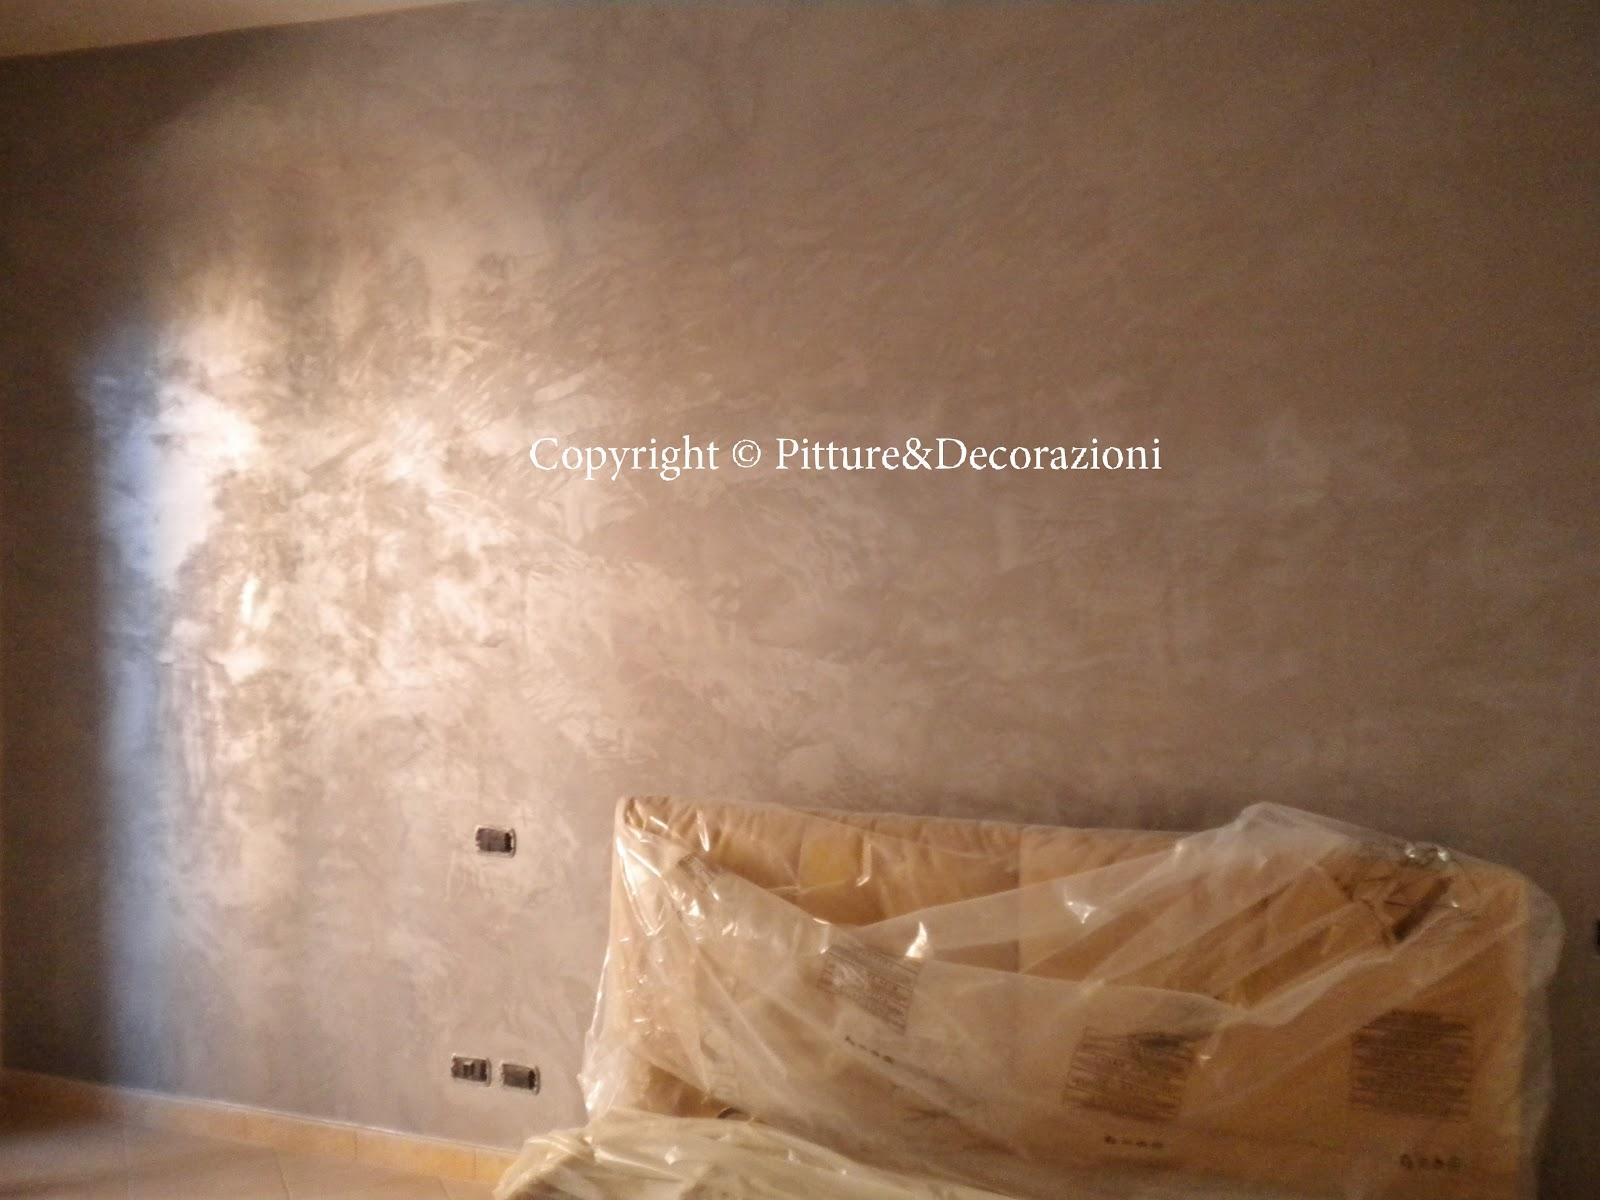 Ottocento la calda bellezza del velluto in parete. Pitture Decorazioni Ottocento Antico Velluto E Seta Dell Ottocento